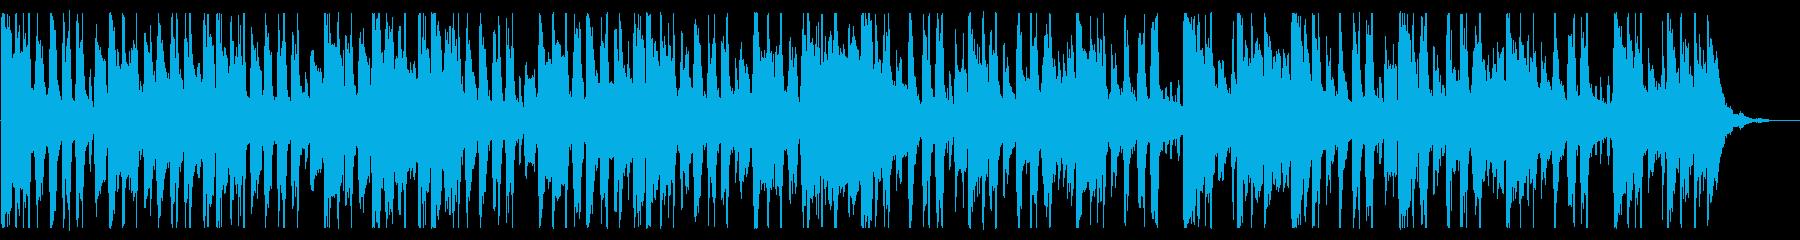 シティポップトラック_No623_4の再生済みの波形